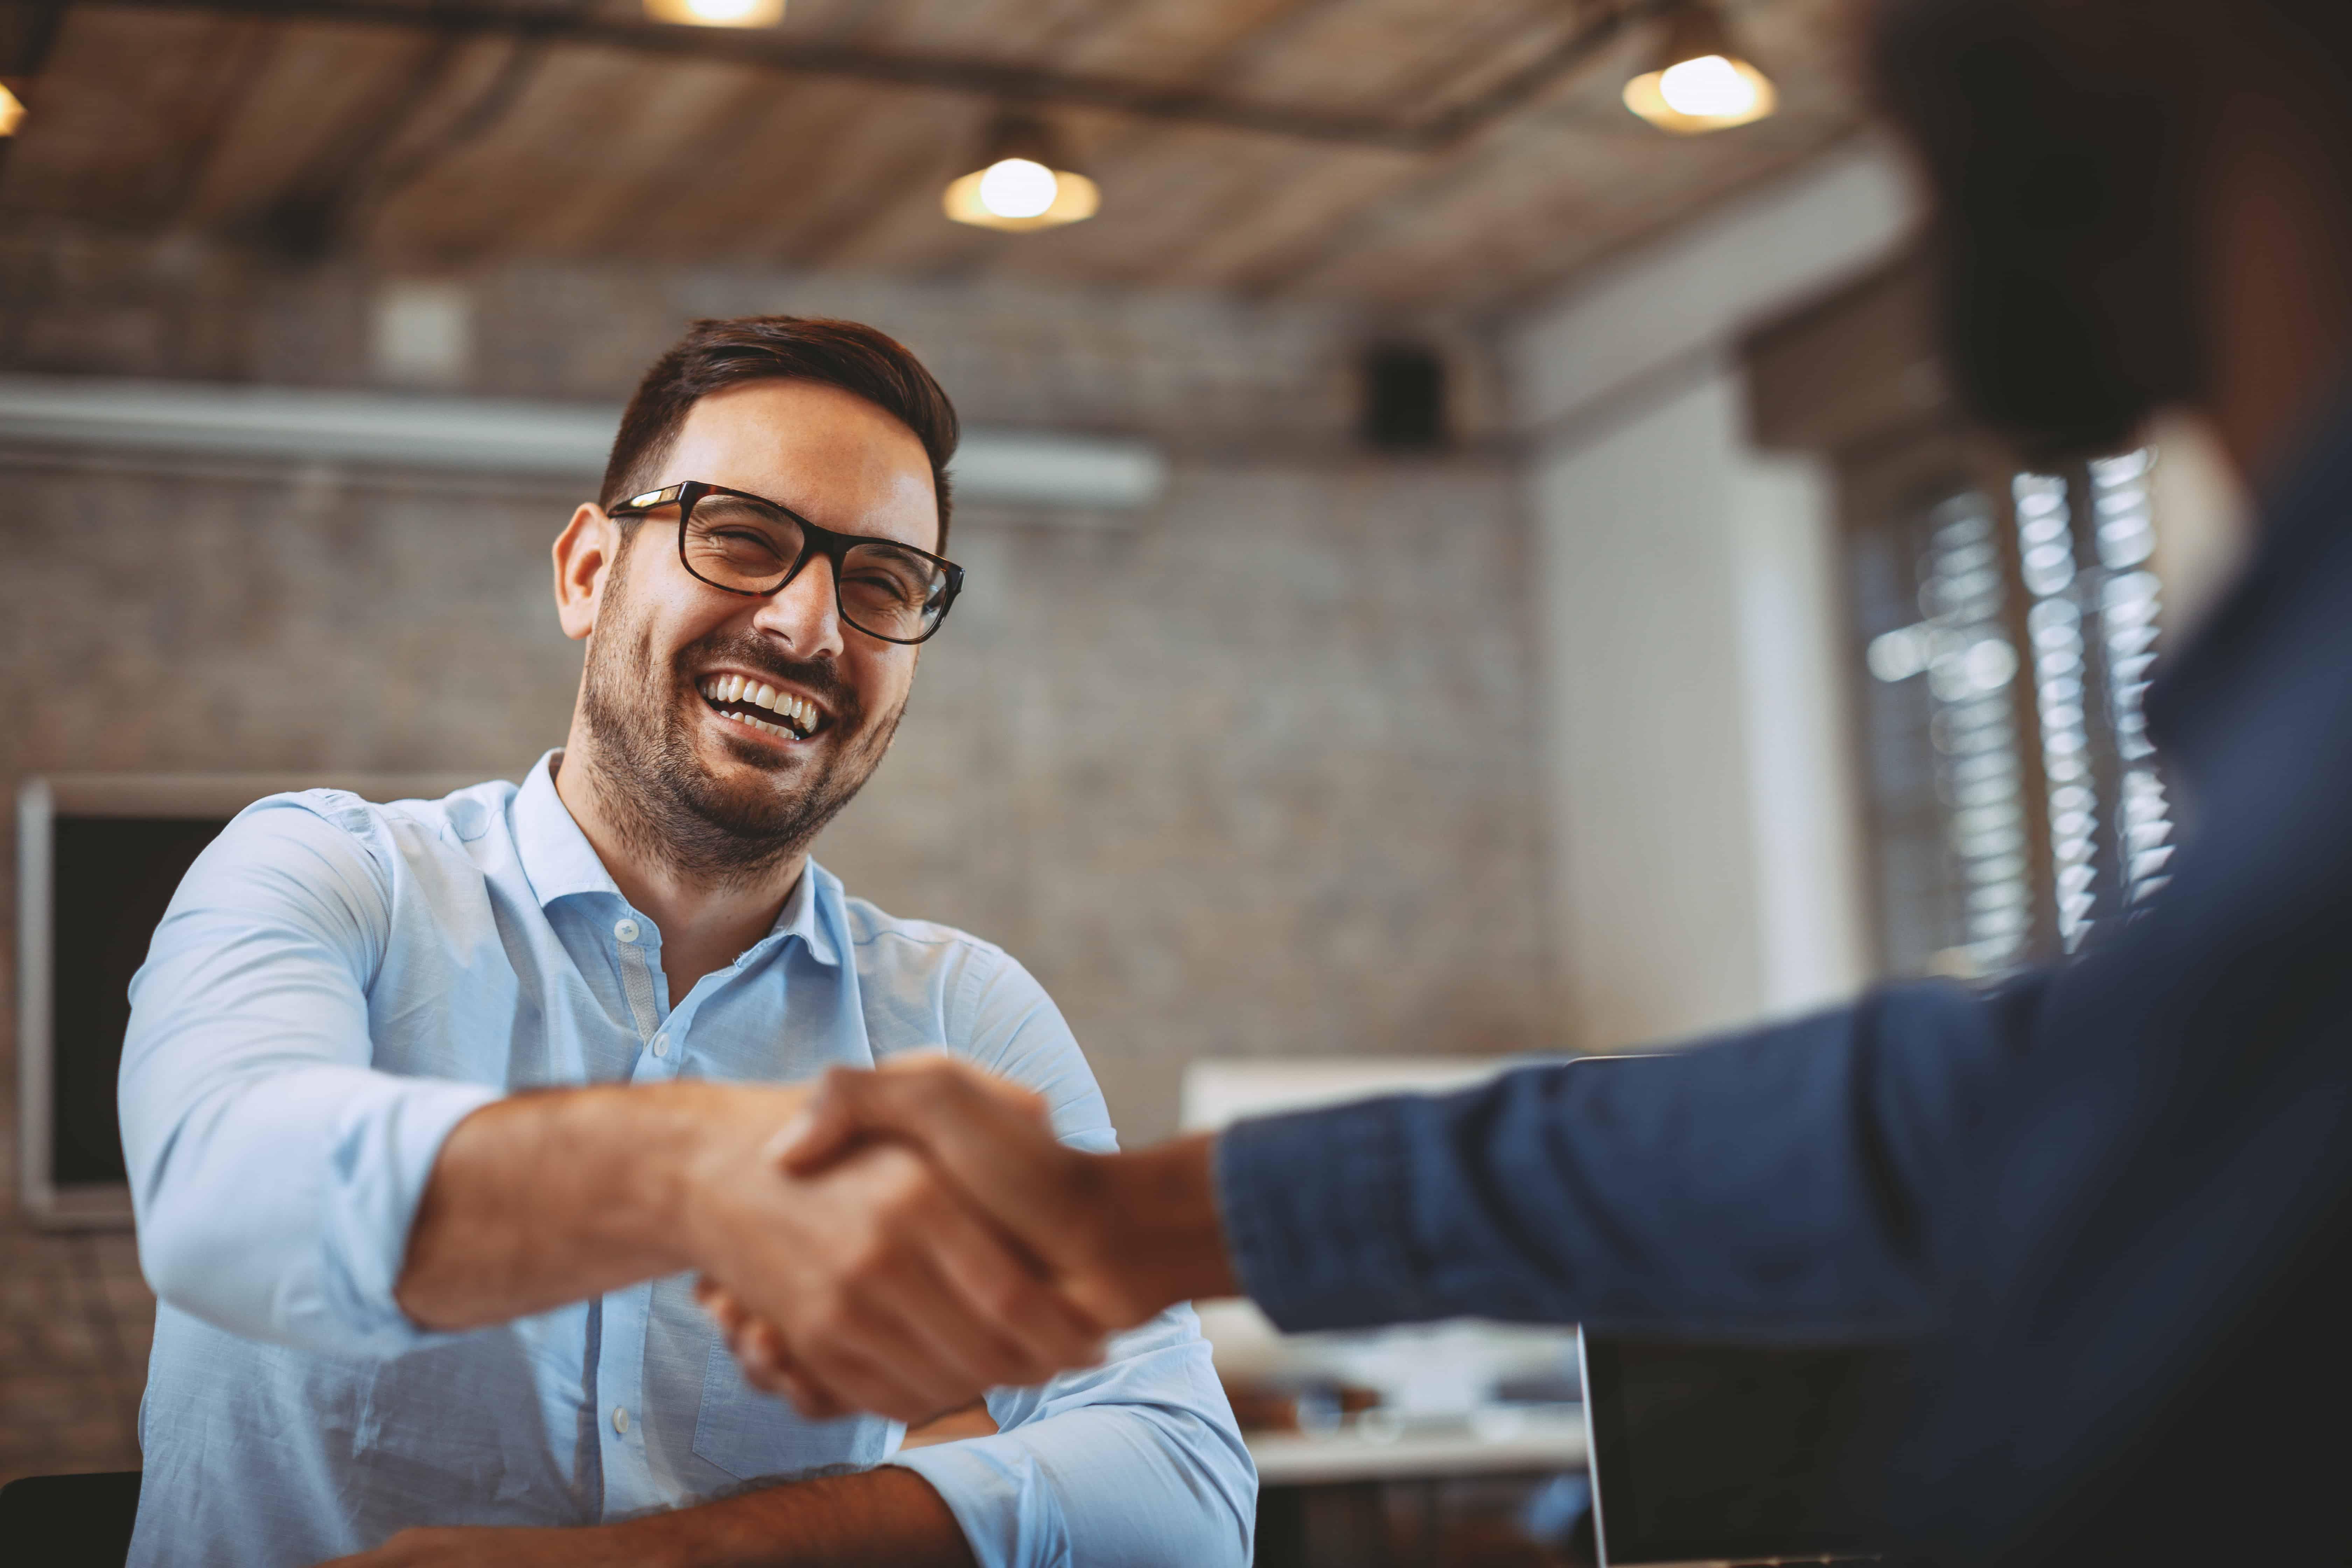 Eigenschaften, die einen guten Chef ausmachen